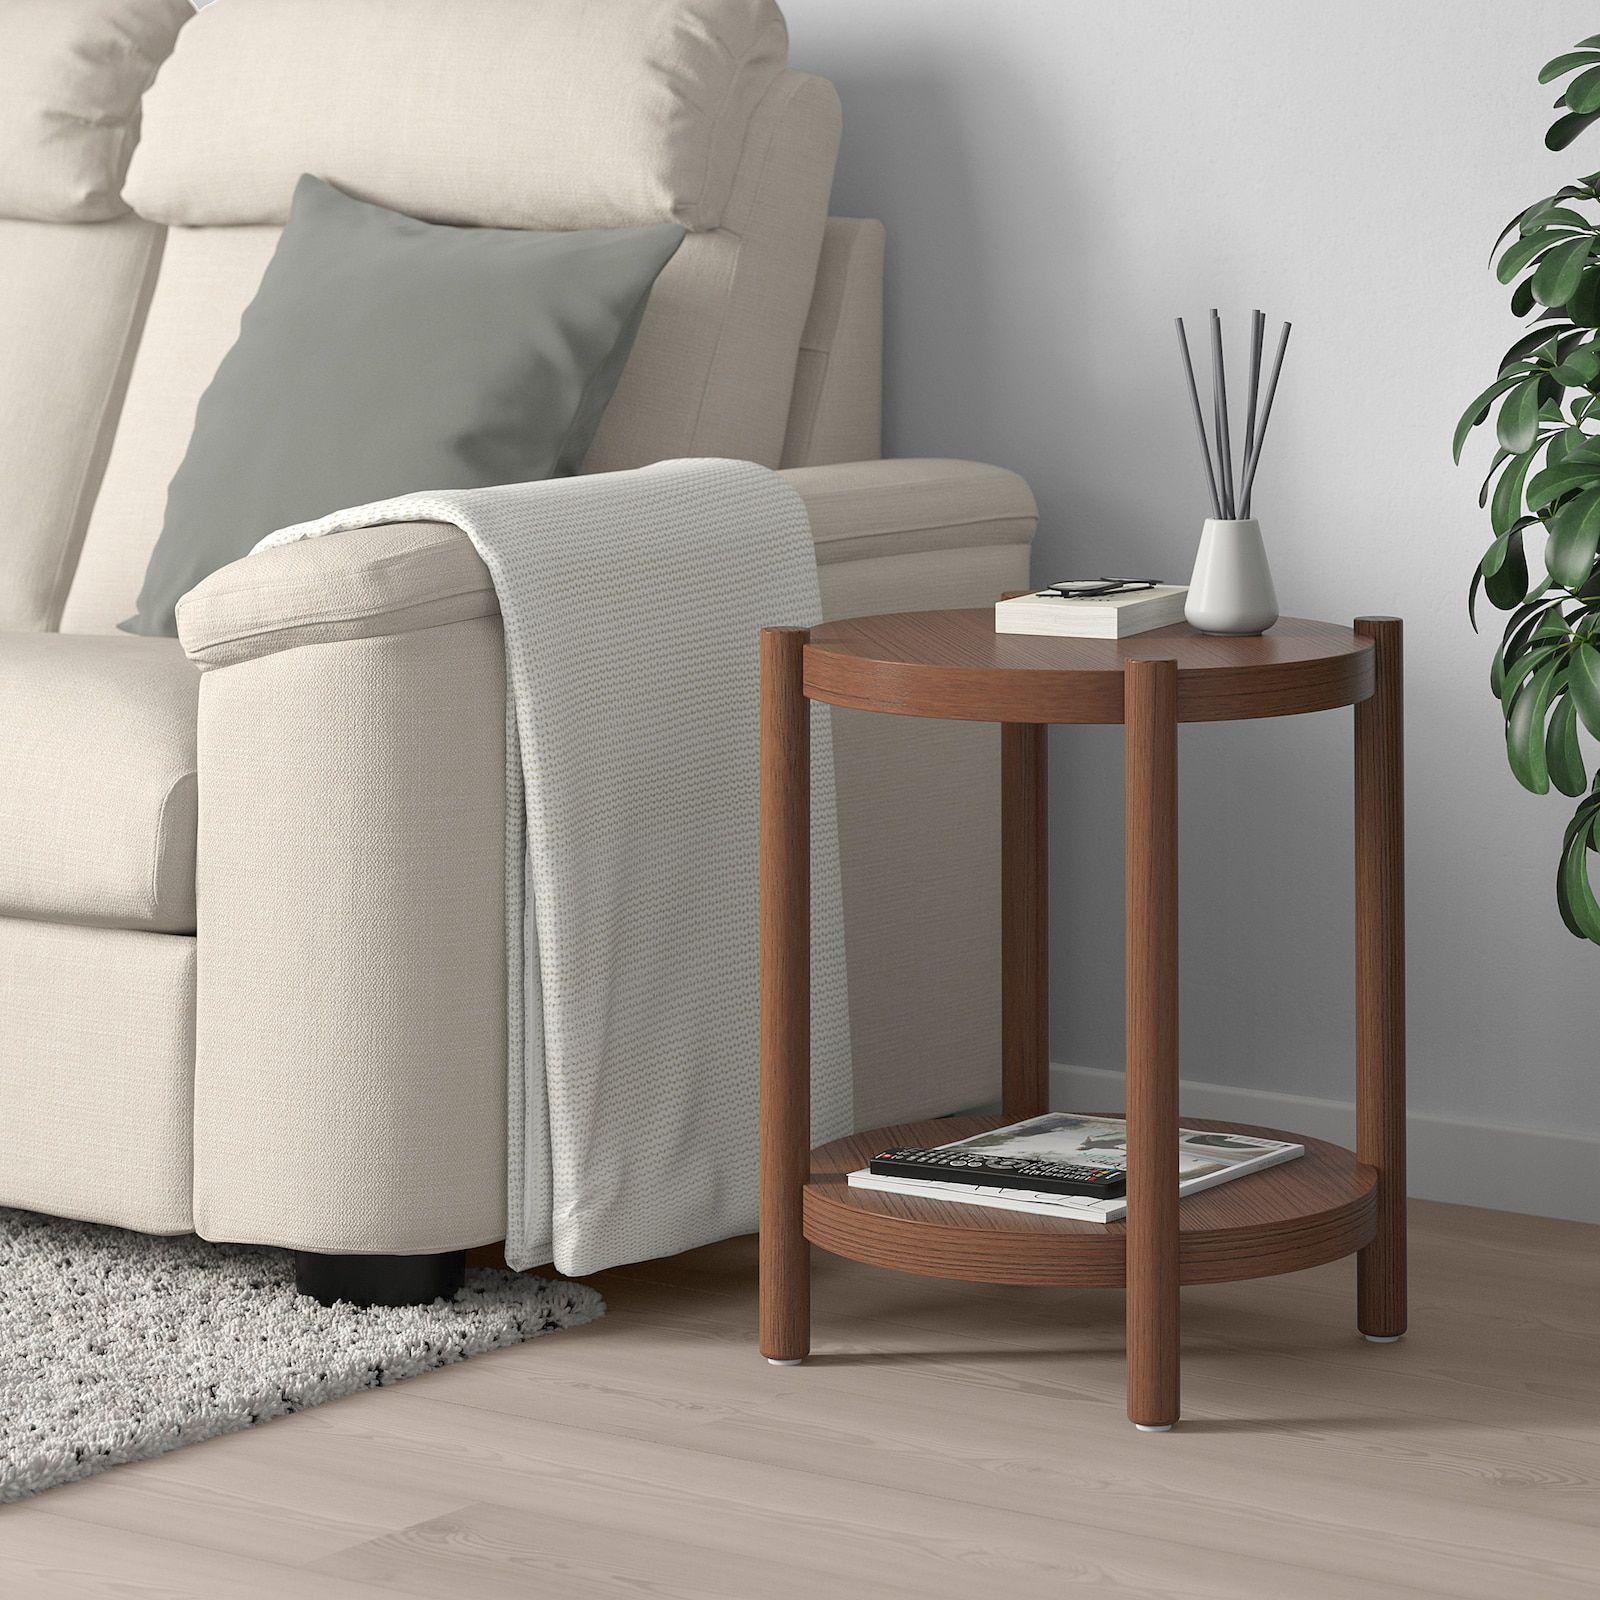 Listerby Side Table Brown 19 5 8 Ikea In 2021 Oak Side Table White Side Tables Ikea Side Table [ 1600 x 1600 Pixel ]